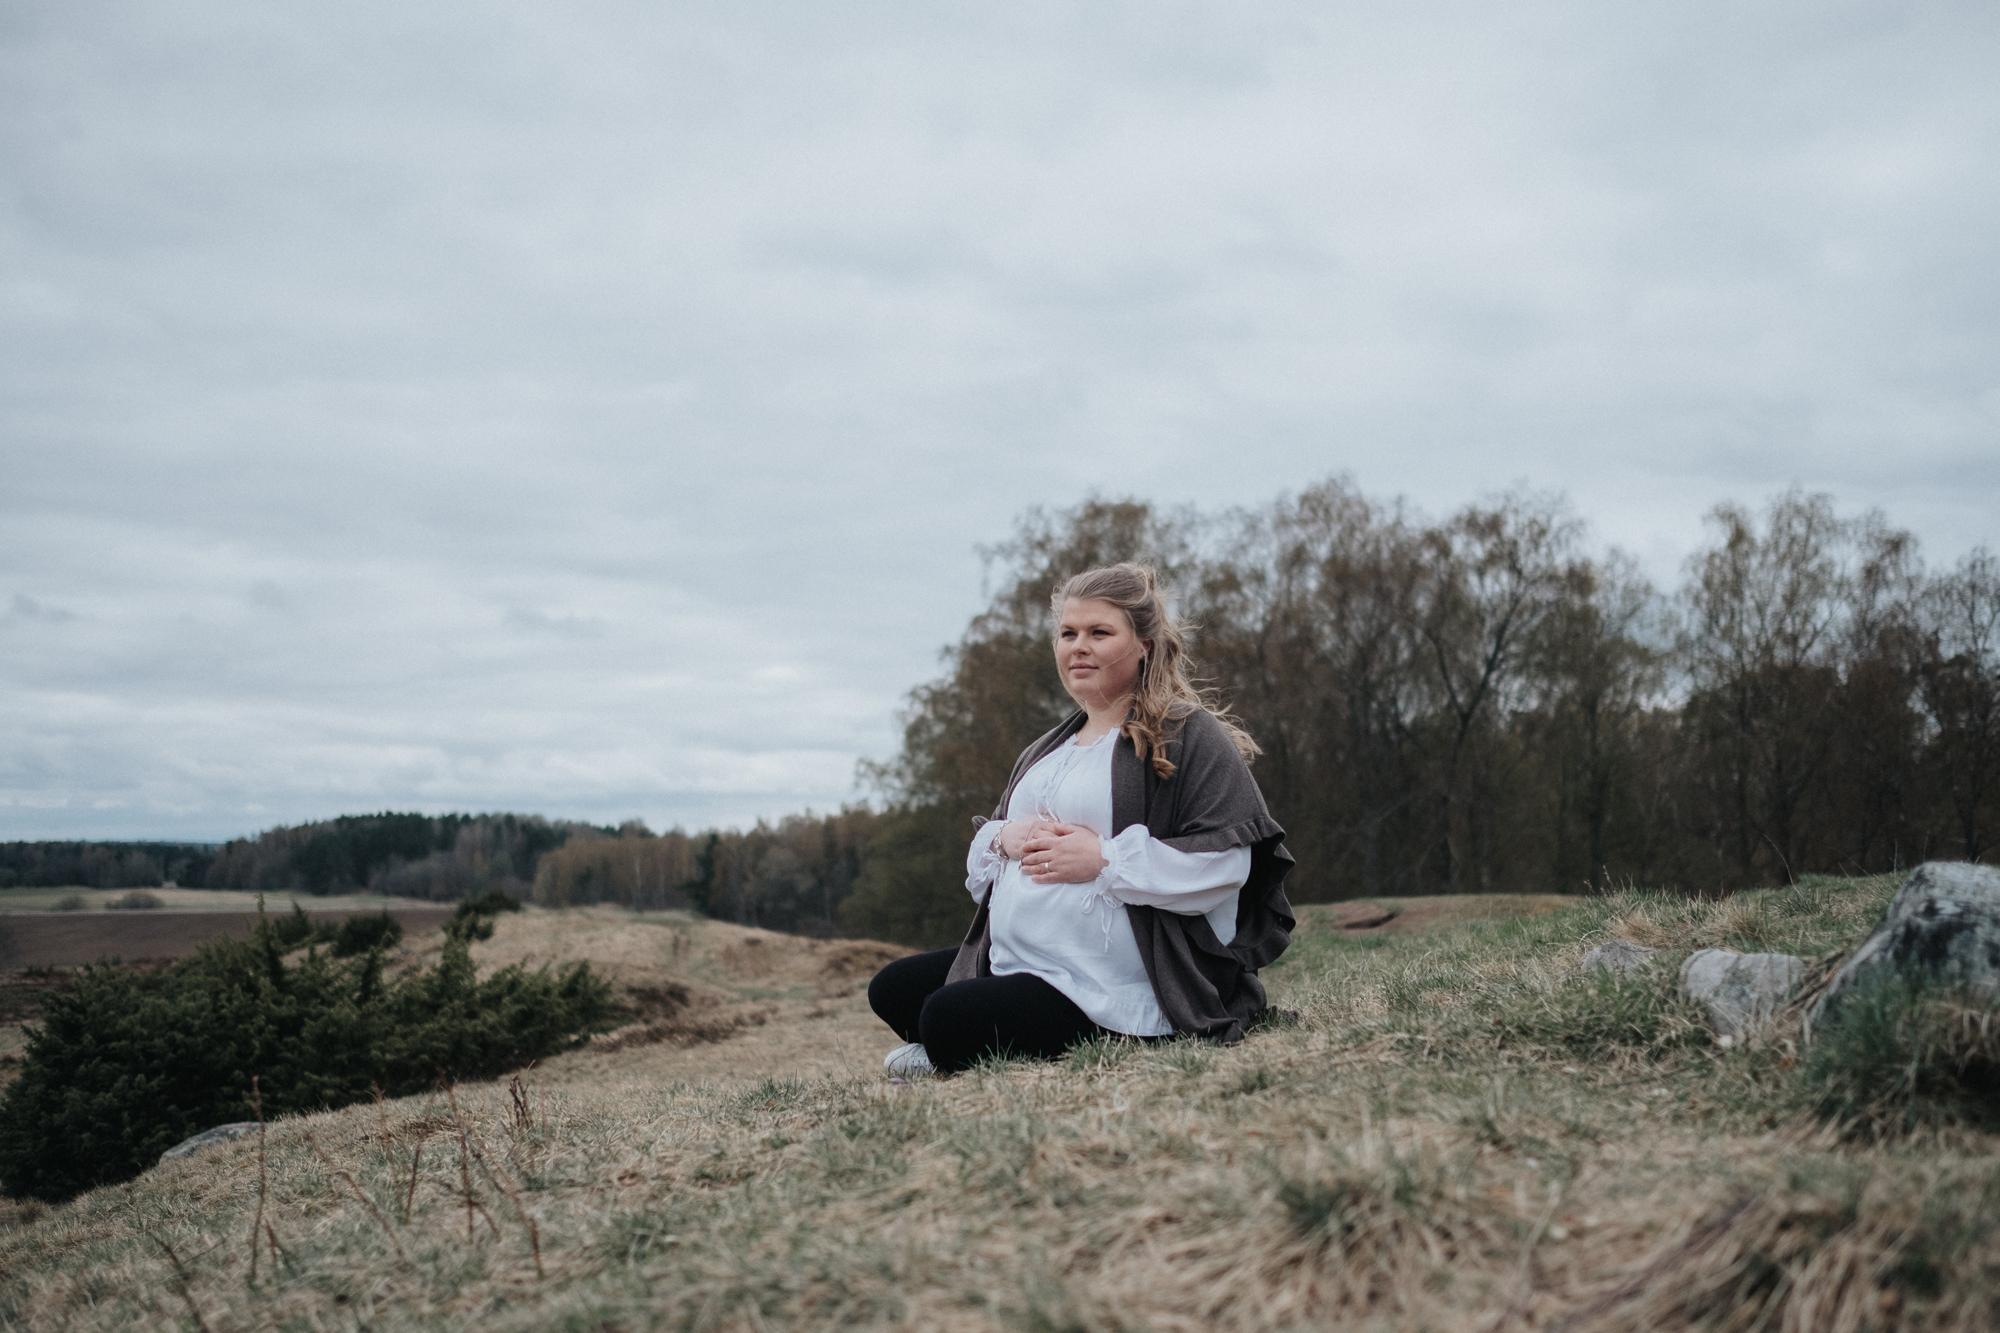 037-gravidfotografering-uppsala-neas-fotografi.jpg